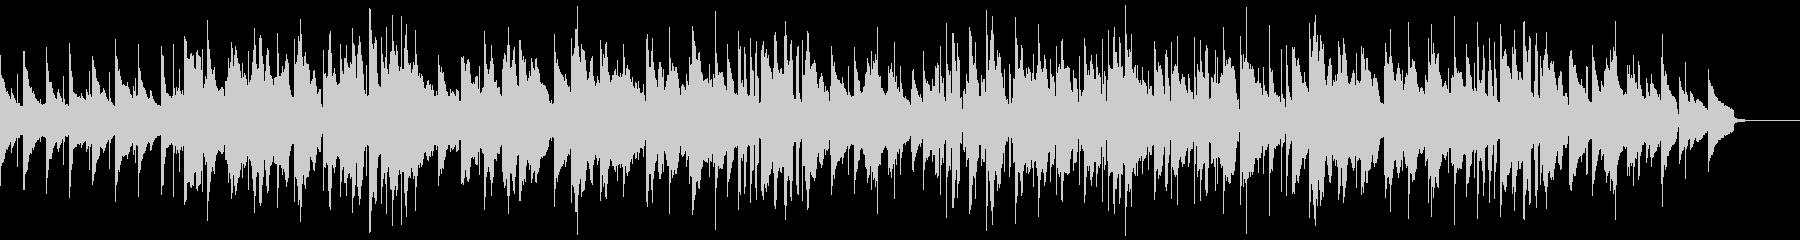 エレクトリックピアノのまどろみのひと時の未再生の波形